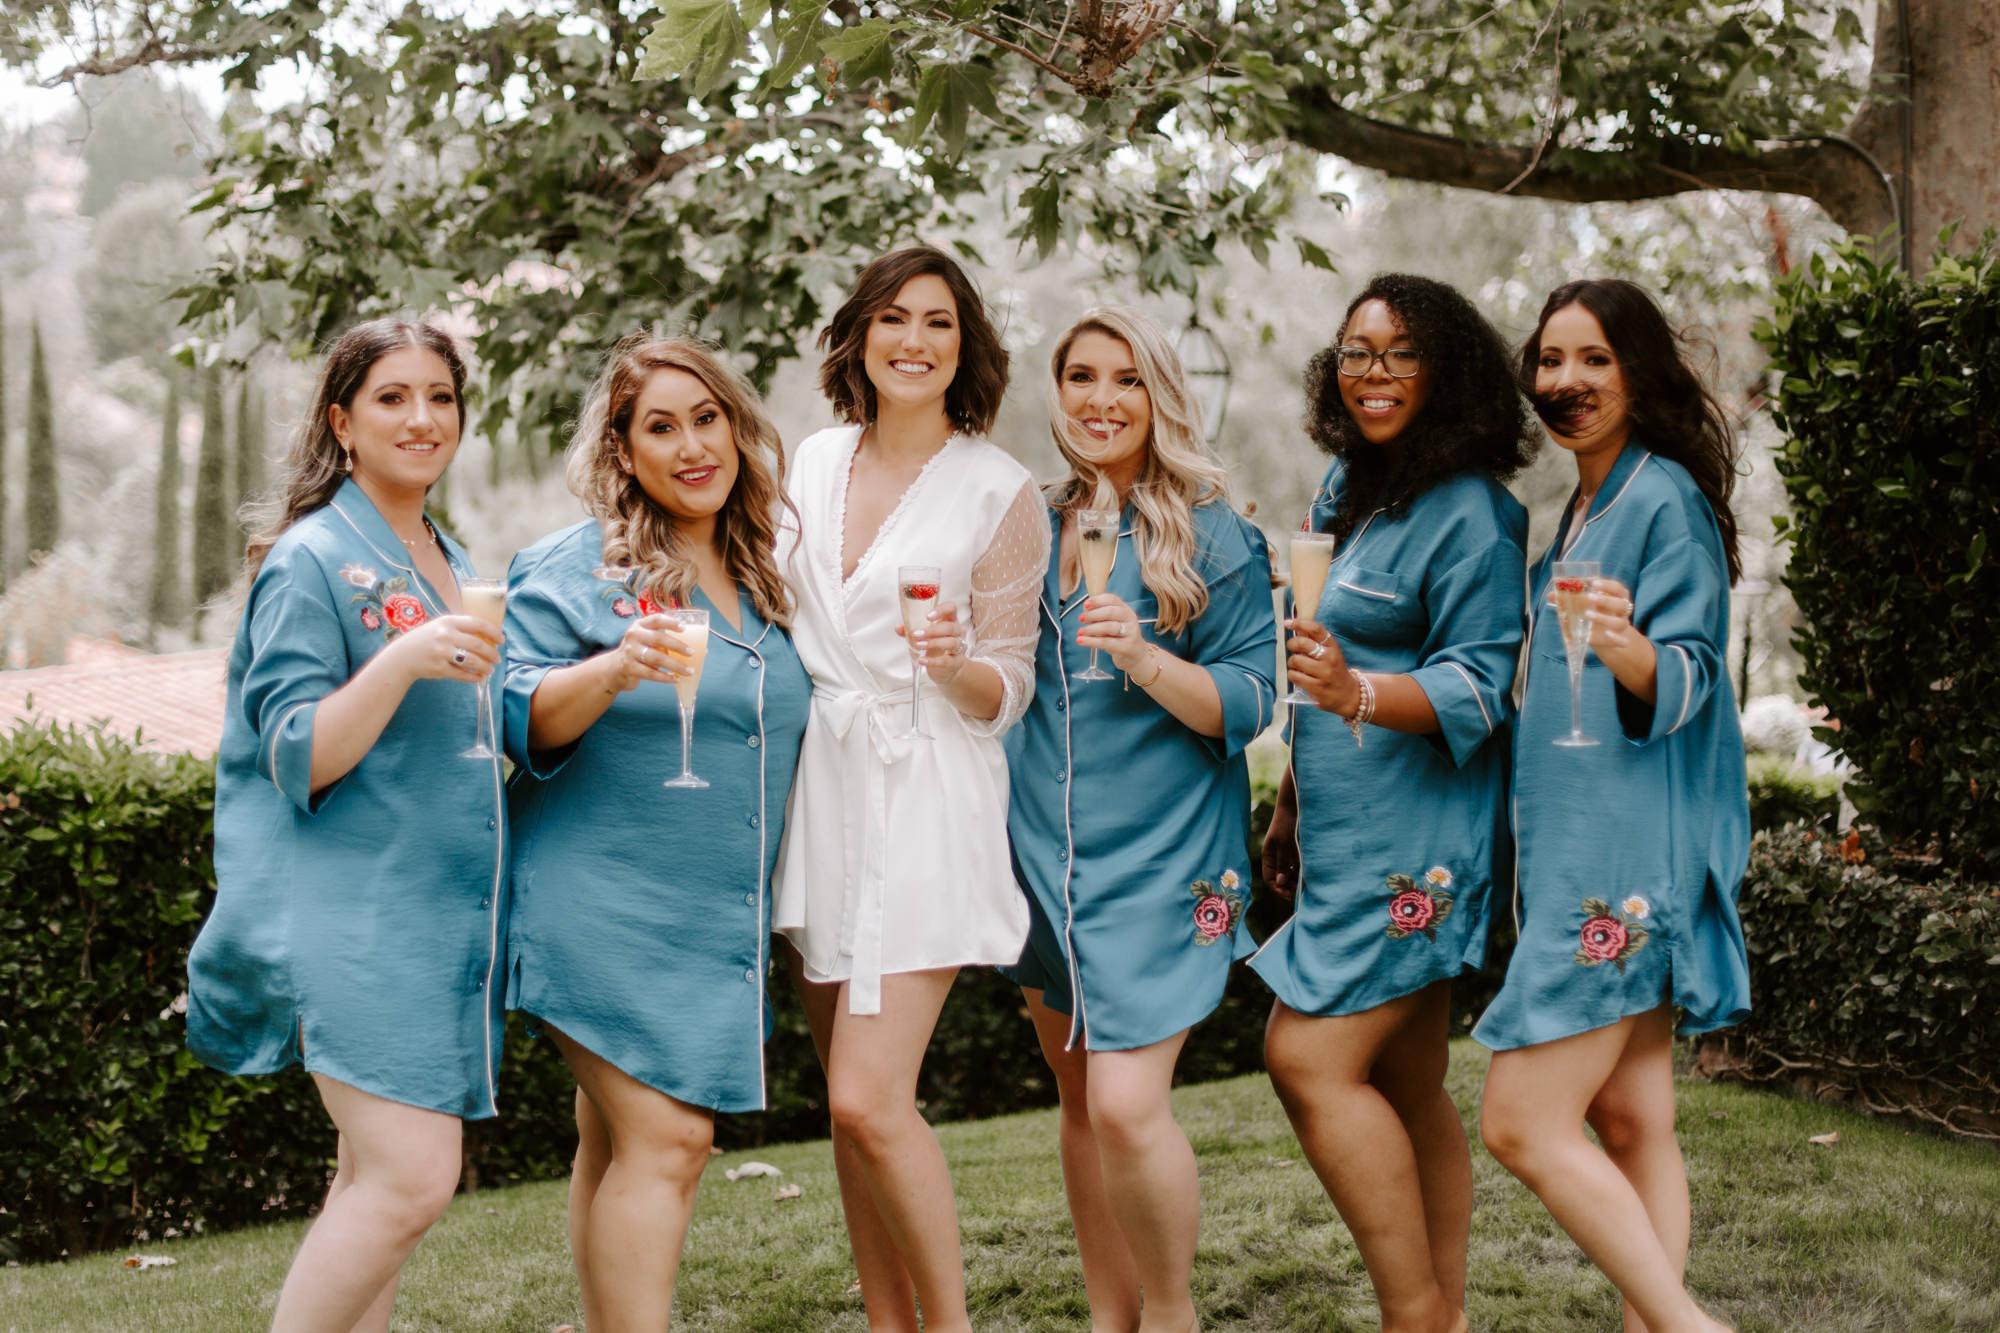 Rancho bernardo Inn san deigo wedding photography0009.jpg